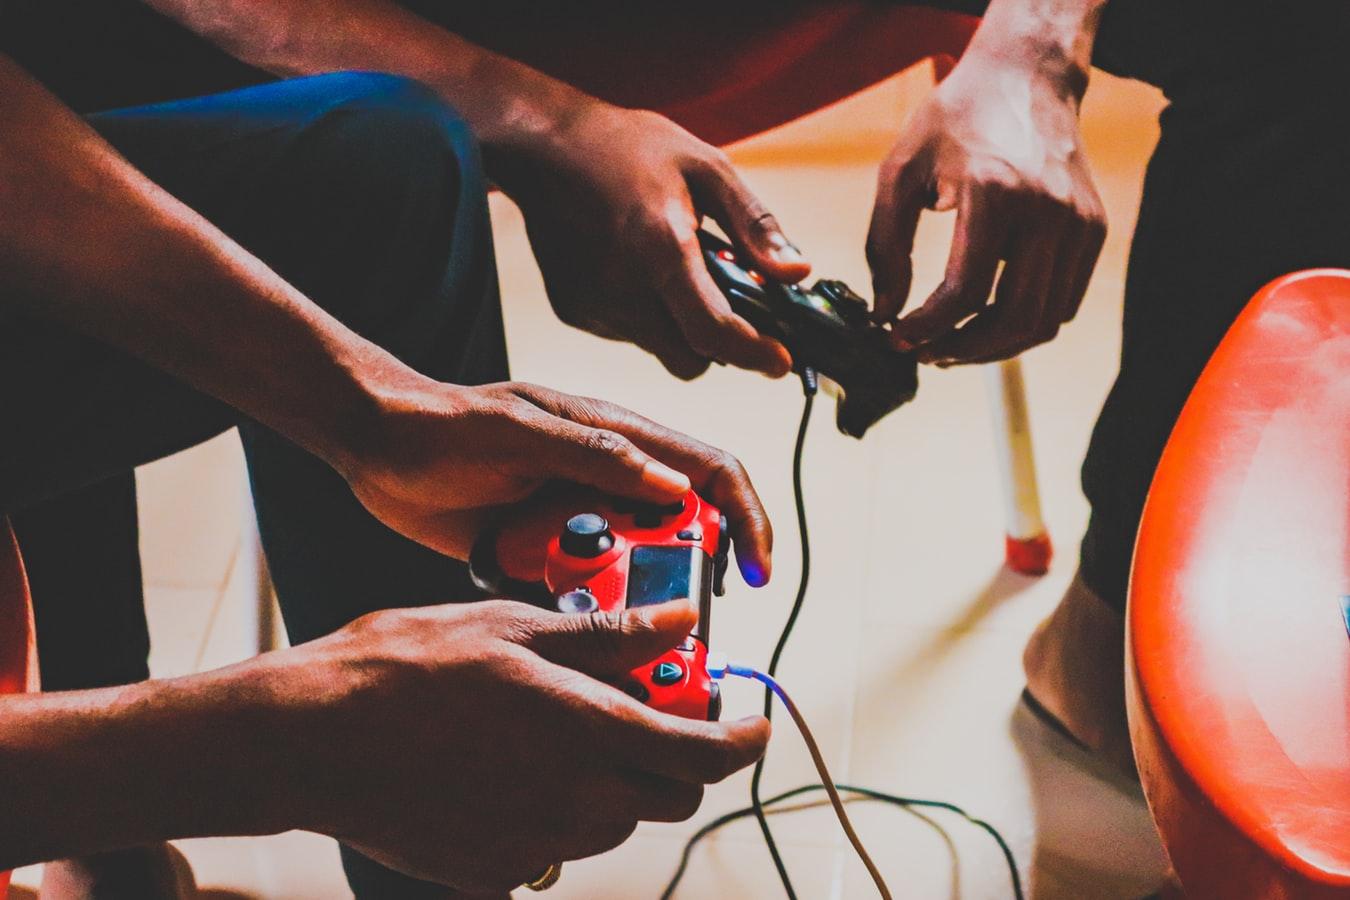 De jeunes gens tenant des manettes de jeux vidéo